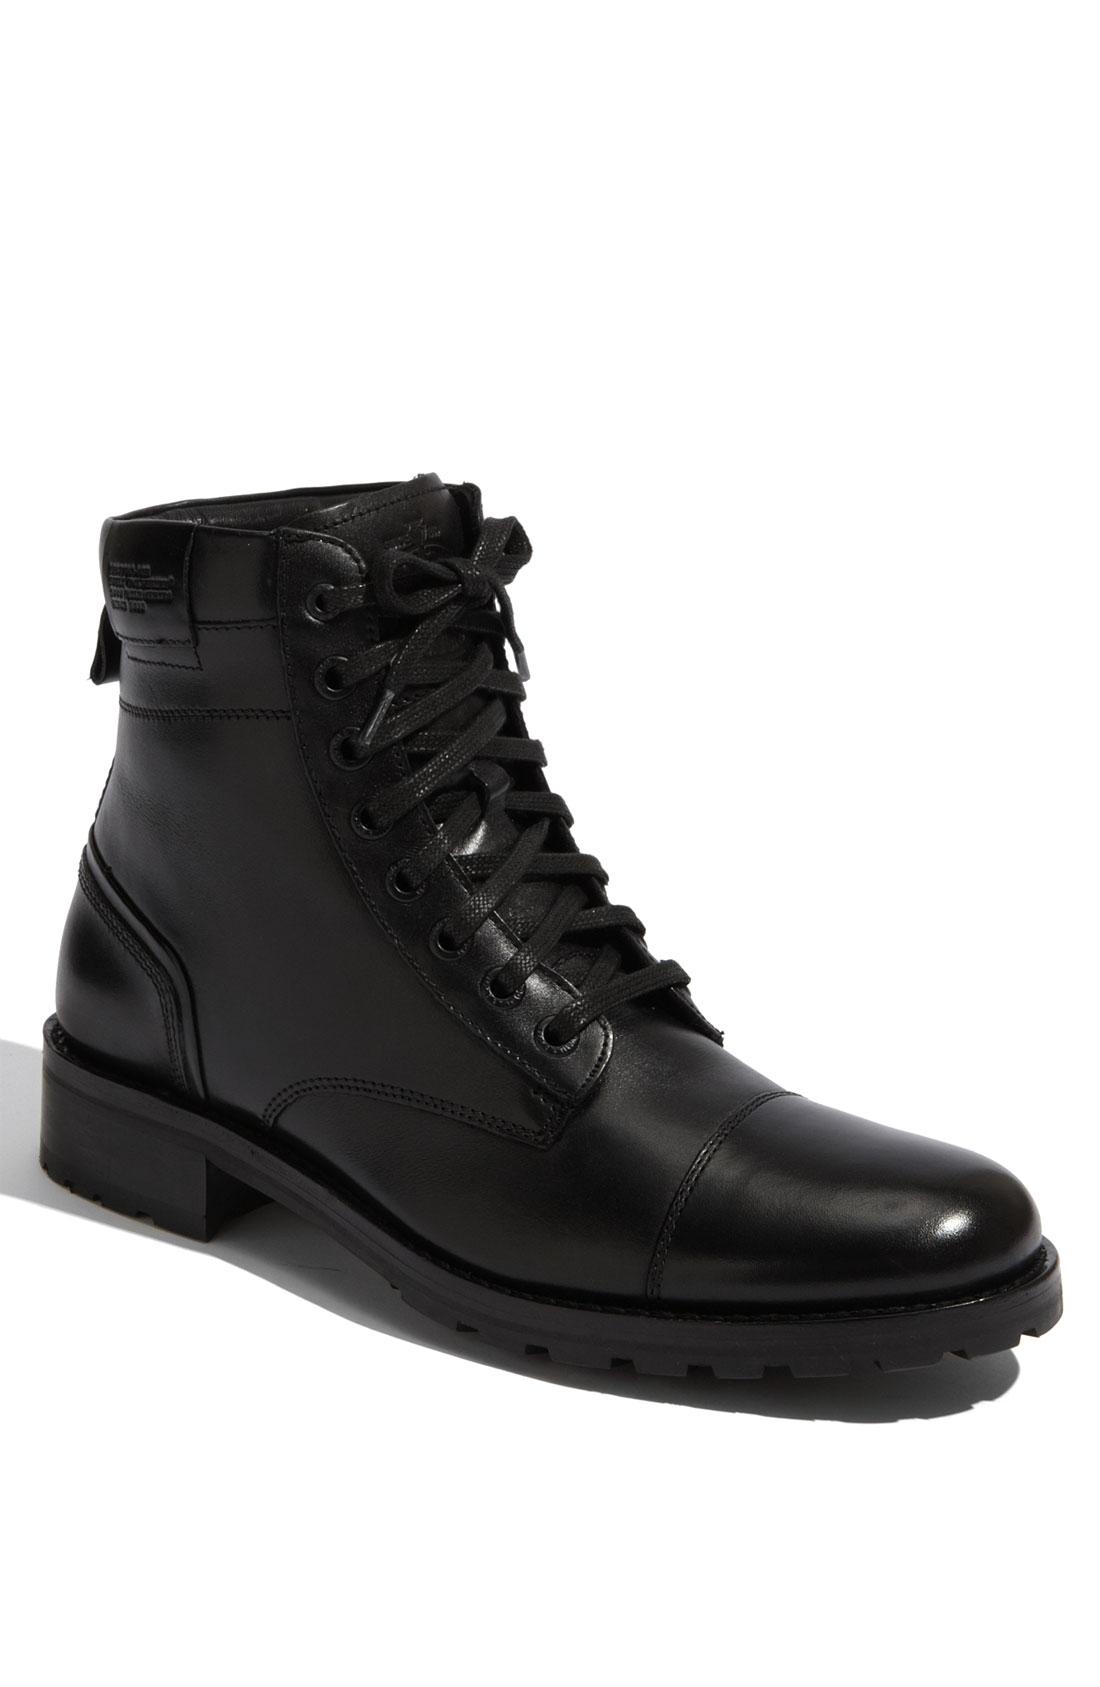 wolverine s durashocks 226 174 sr st eh 6 inch boot work